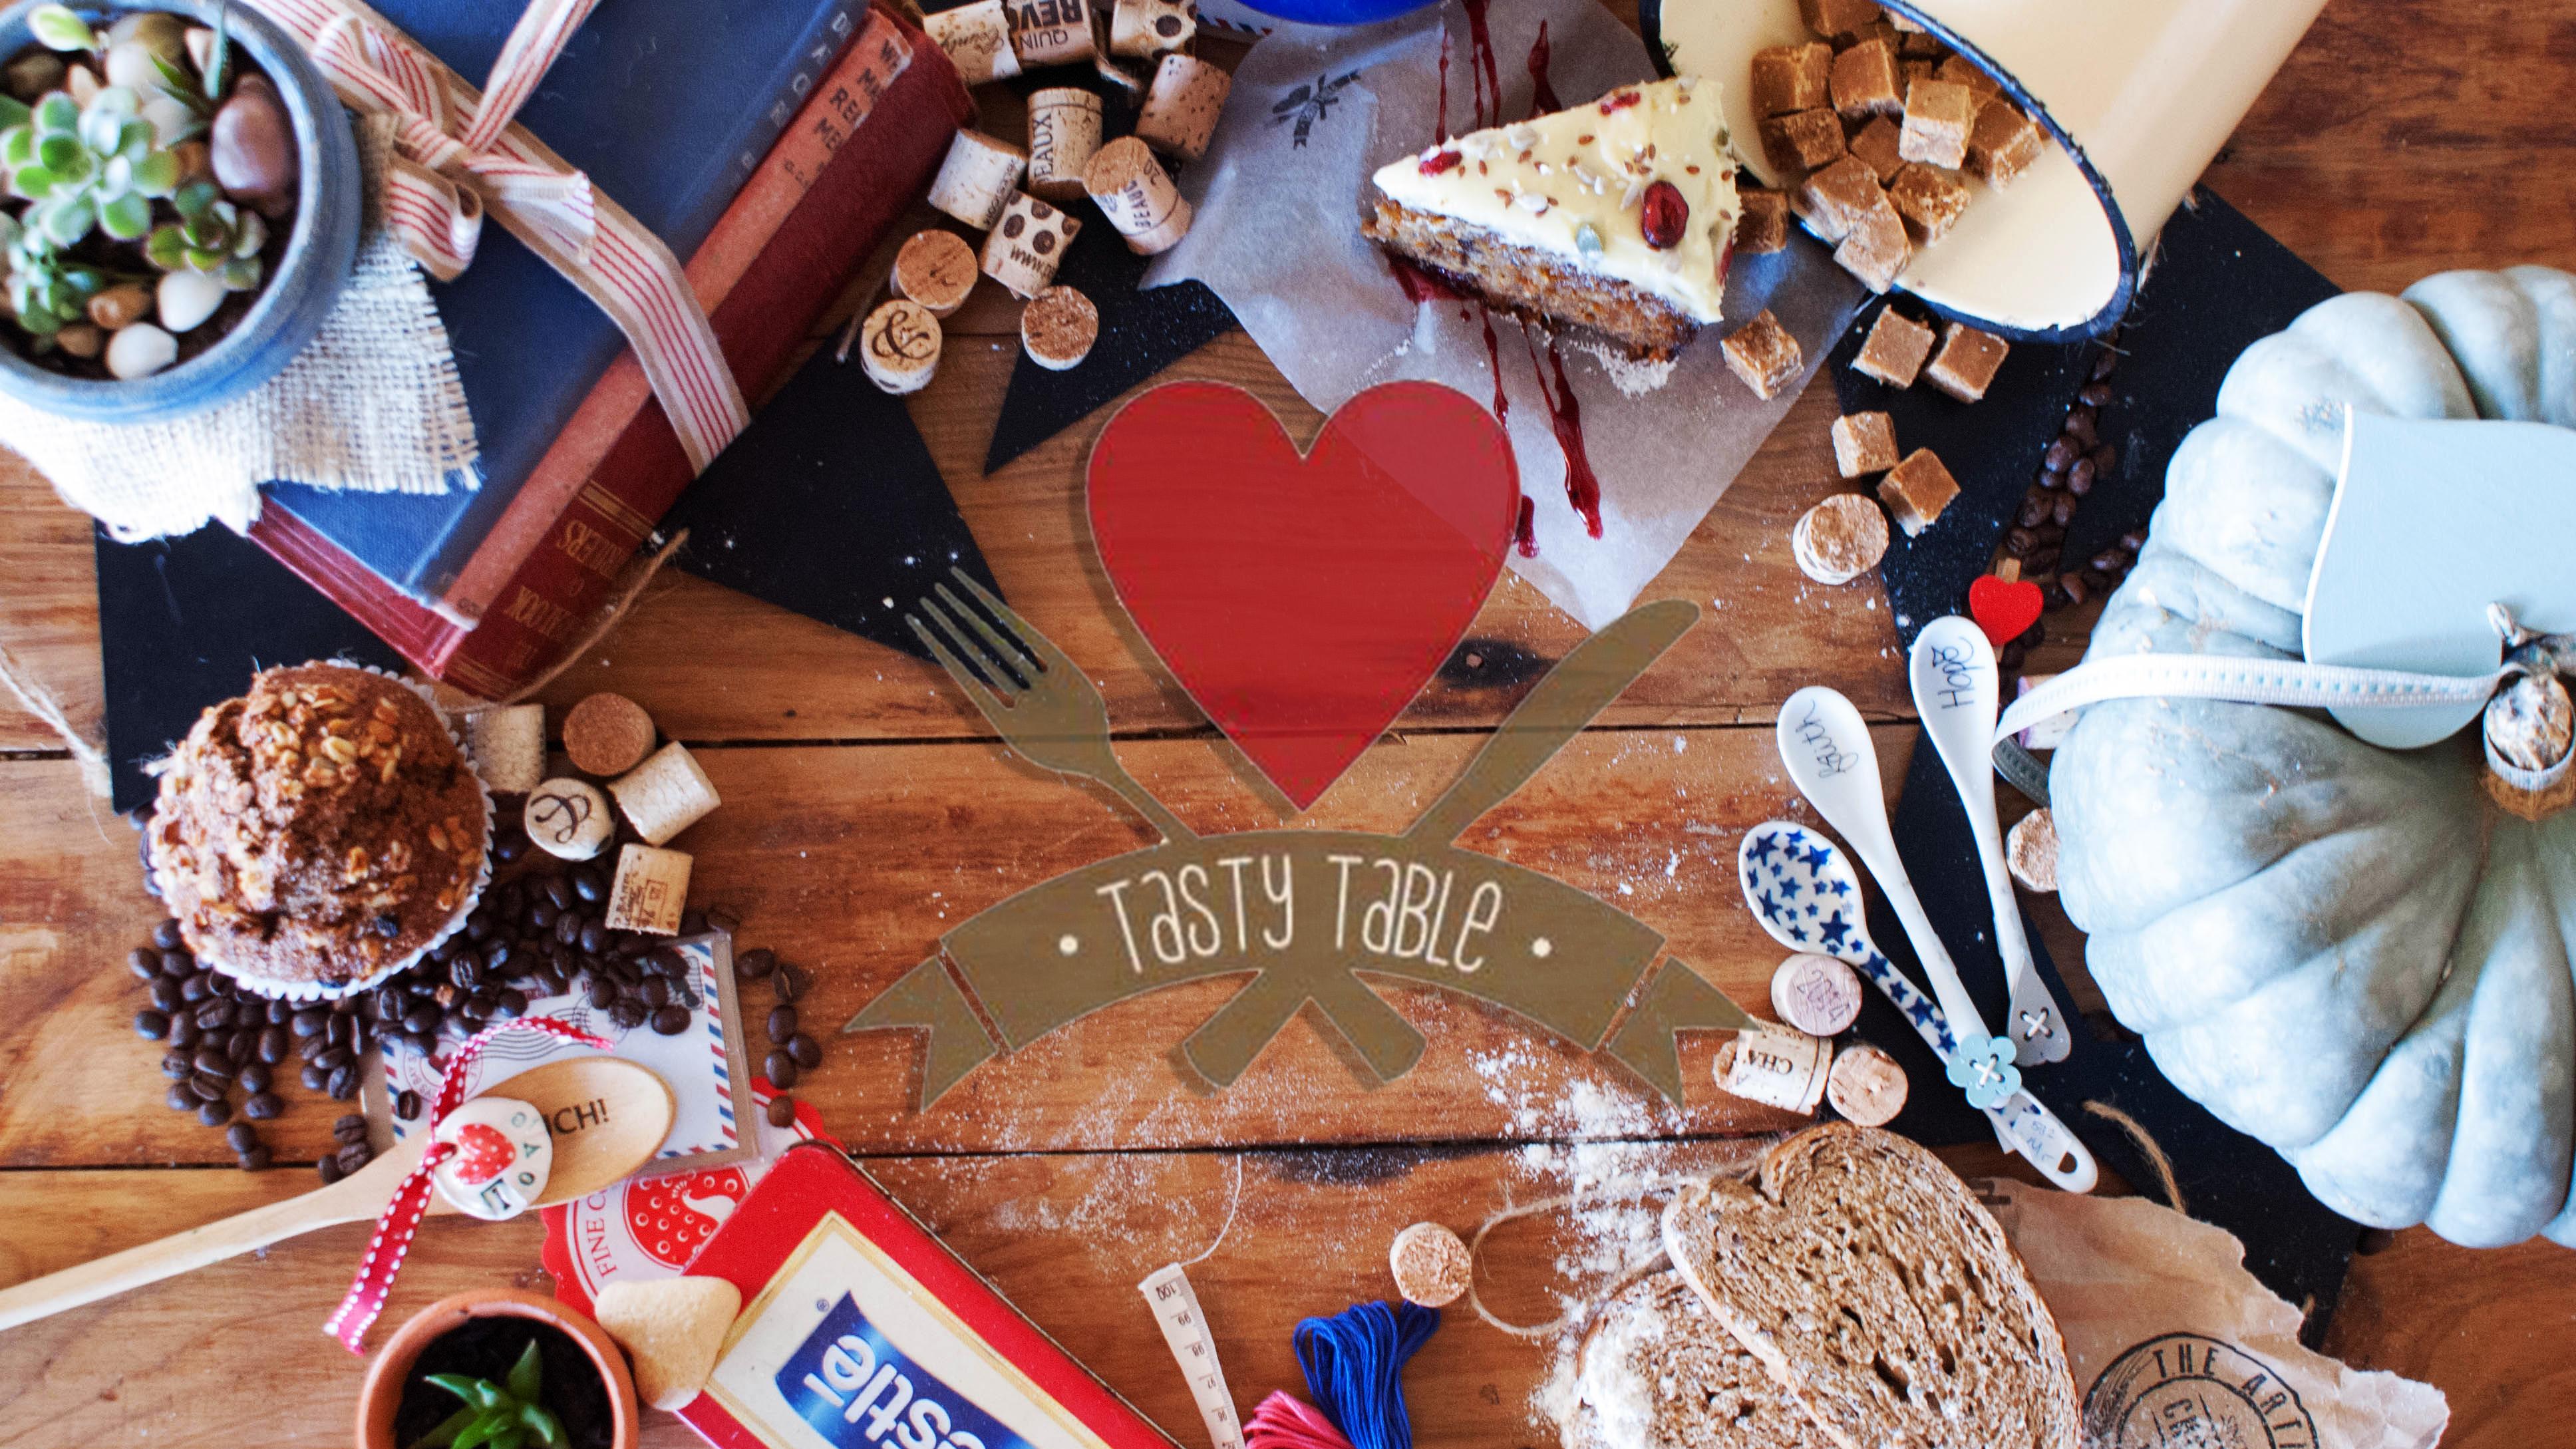 Tasty Table Cafe Jeffreys Bay